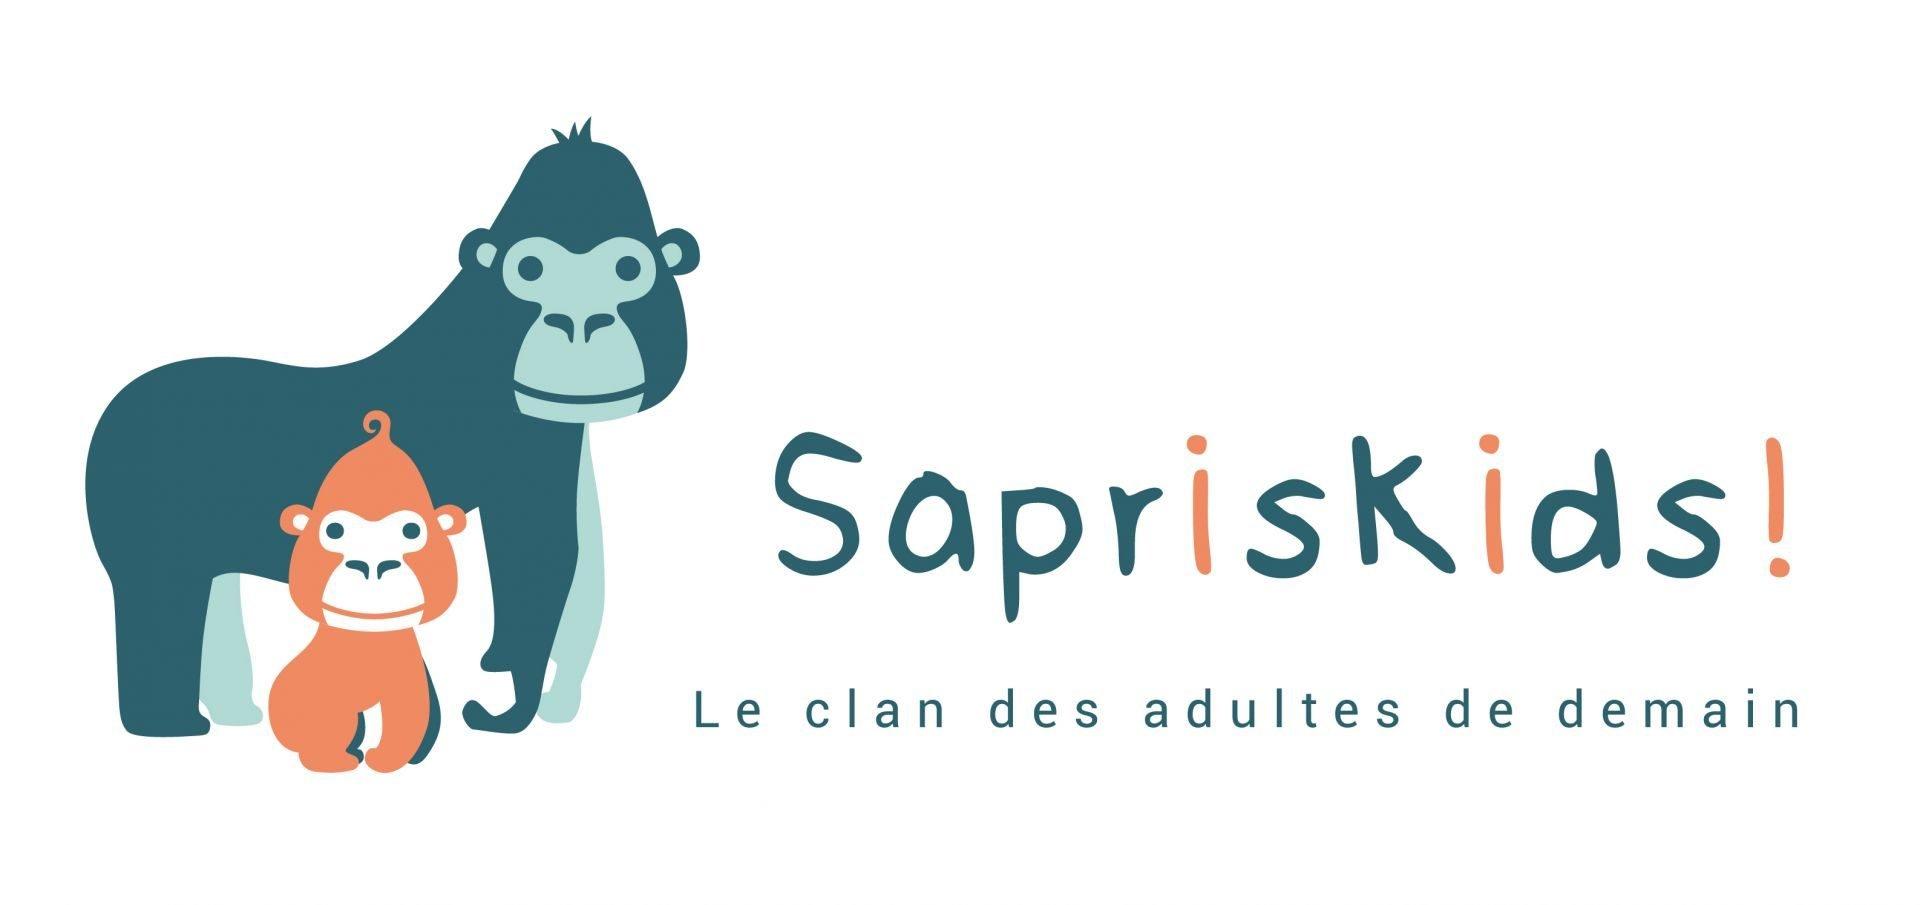 SaprisKids